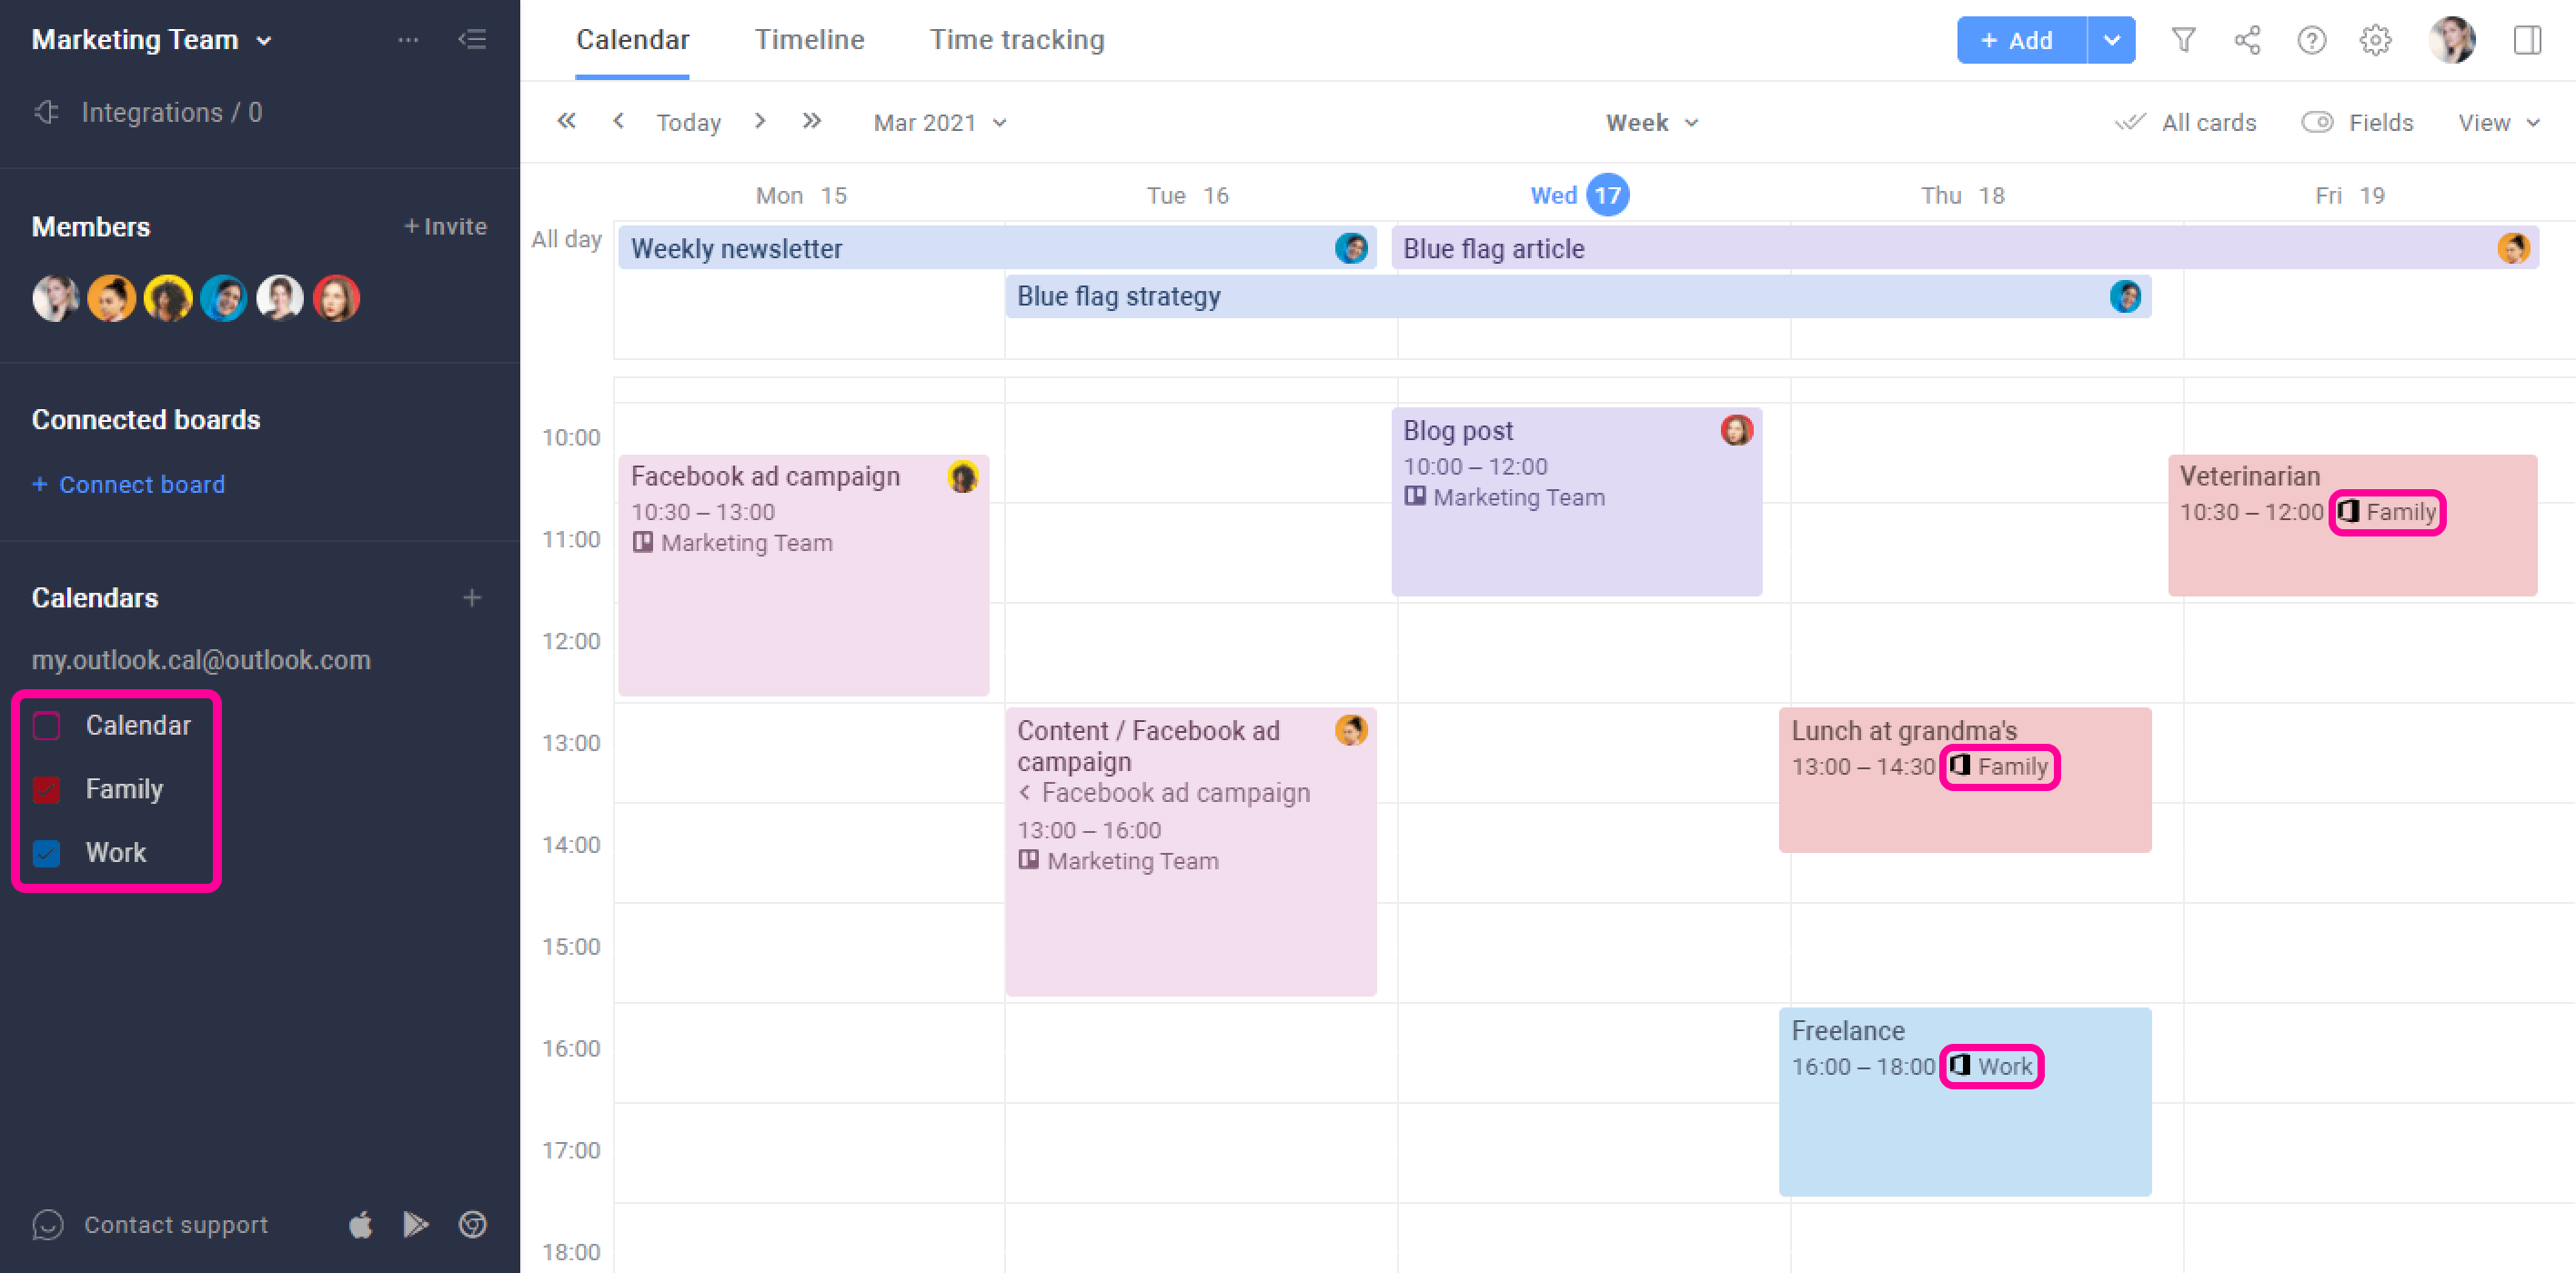 Outlook calendar events